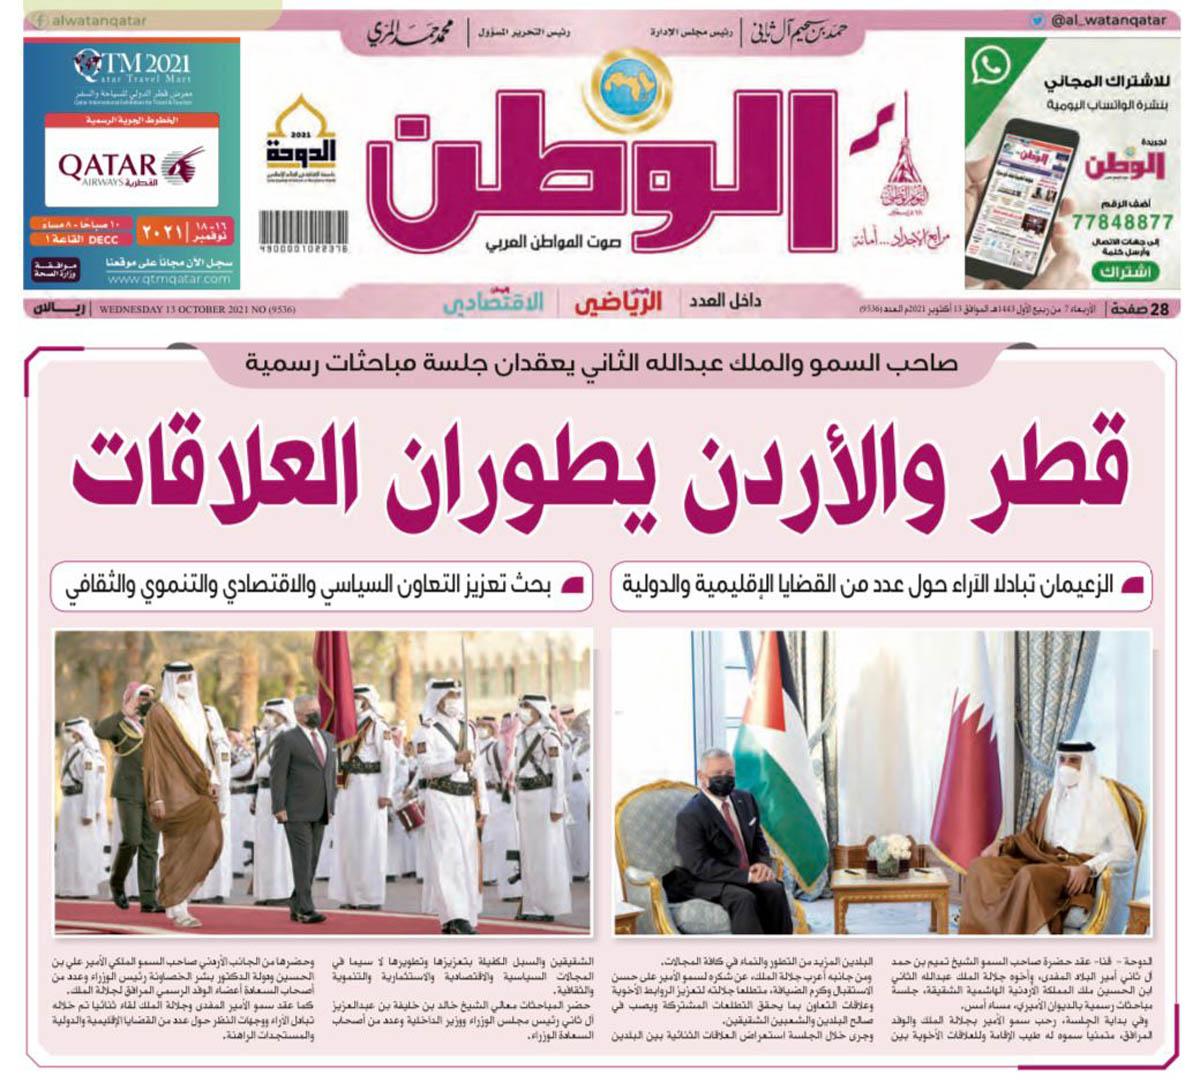 الصحافة القطرية: الأردن وقطر في خندق واحد أكثر من أي وقت مضى